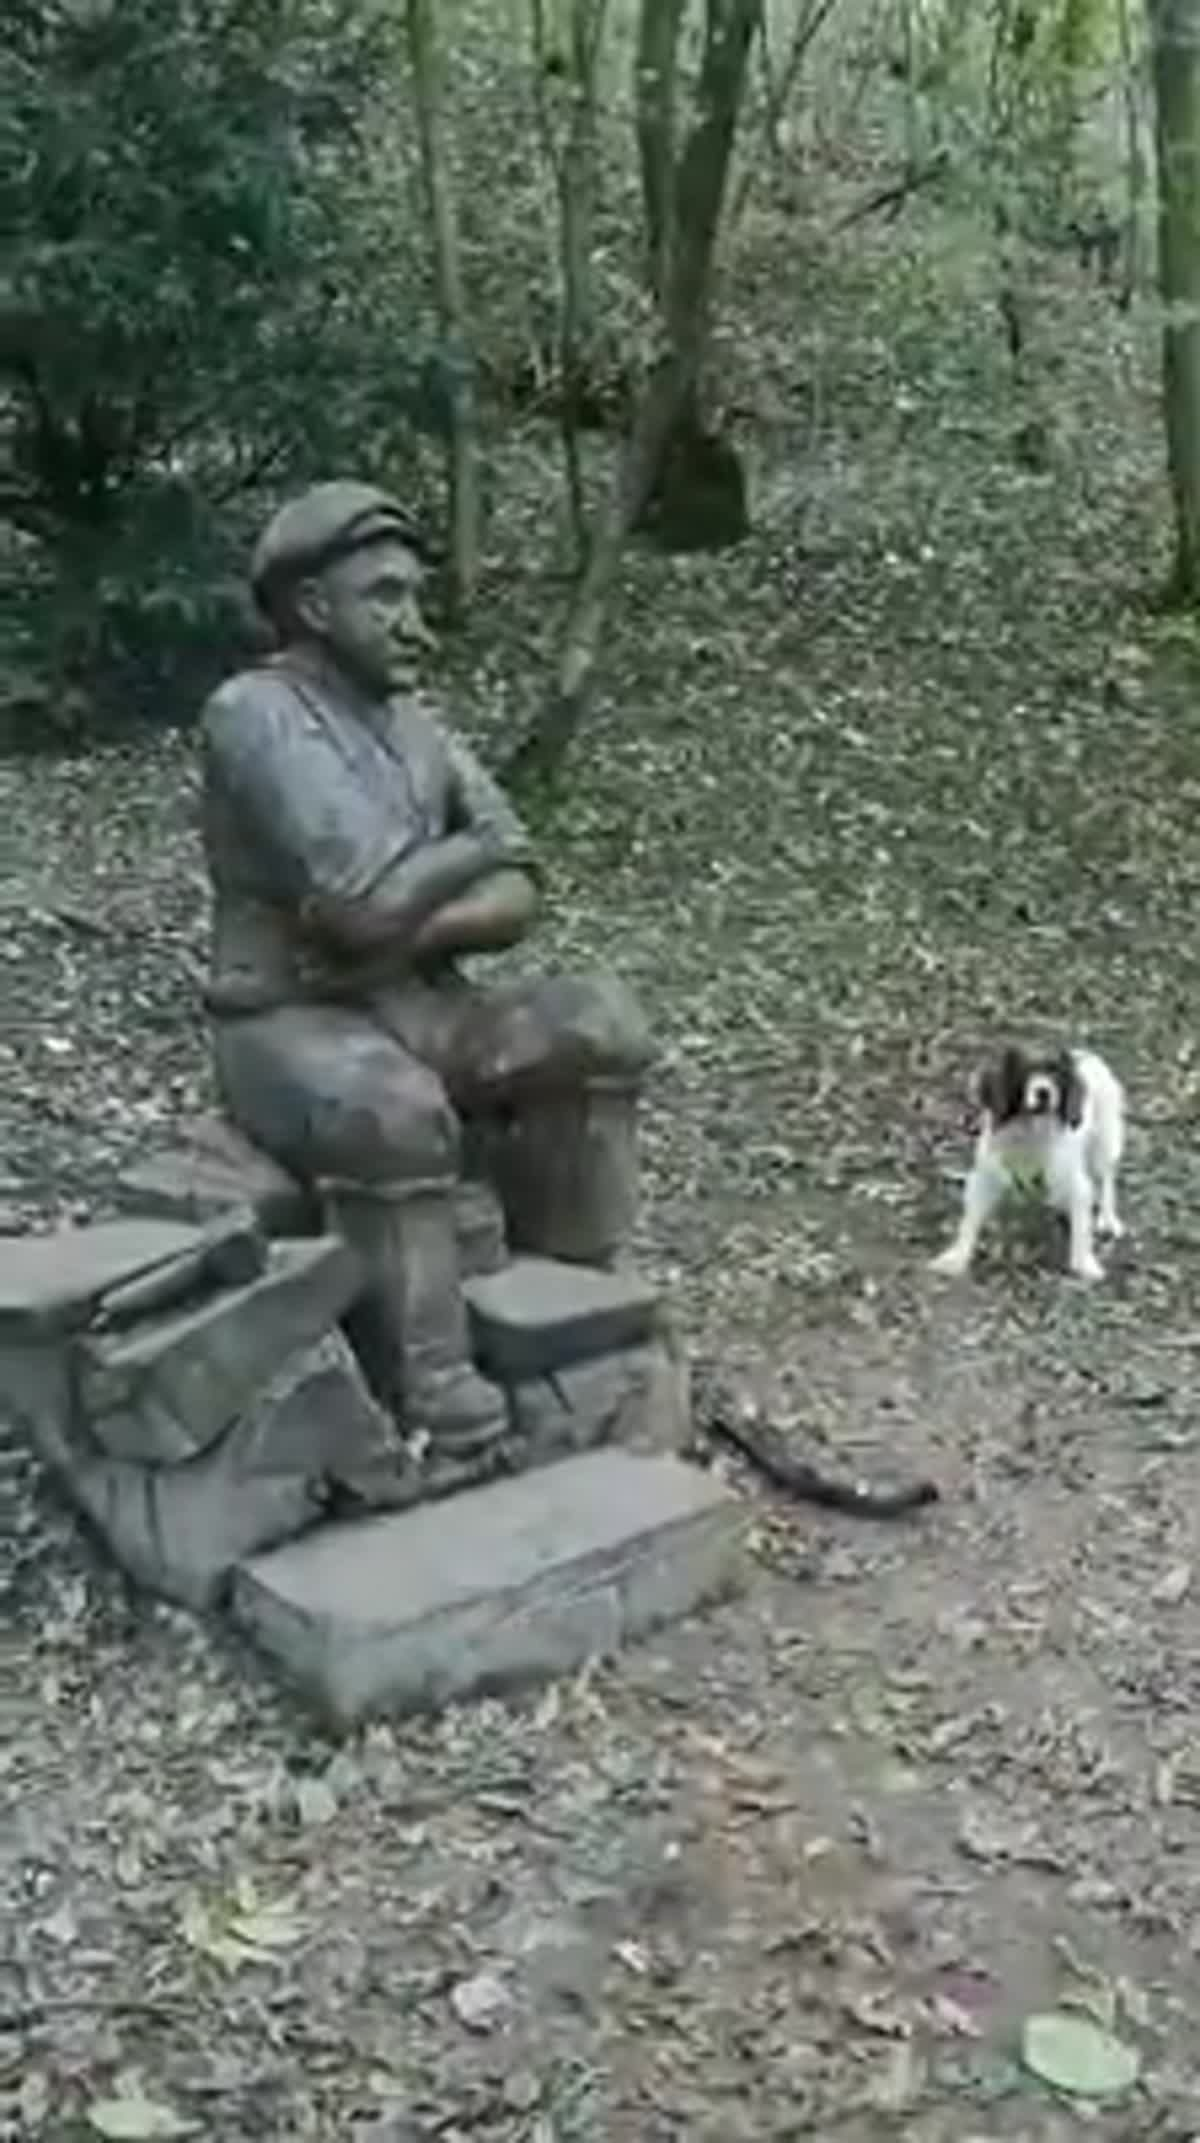 น้องหมาไร้เดียงสาคาบกิ่งไม้มาชวนให้รูปปั้นเล่นด้วย